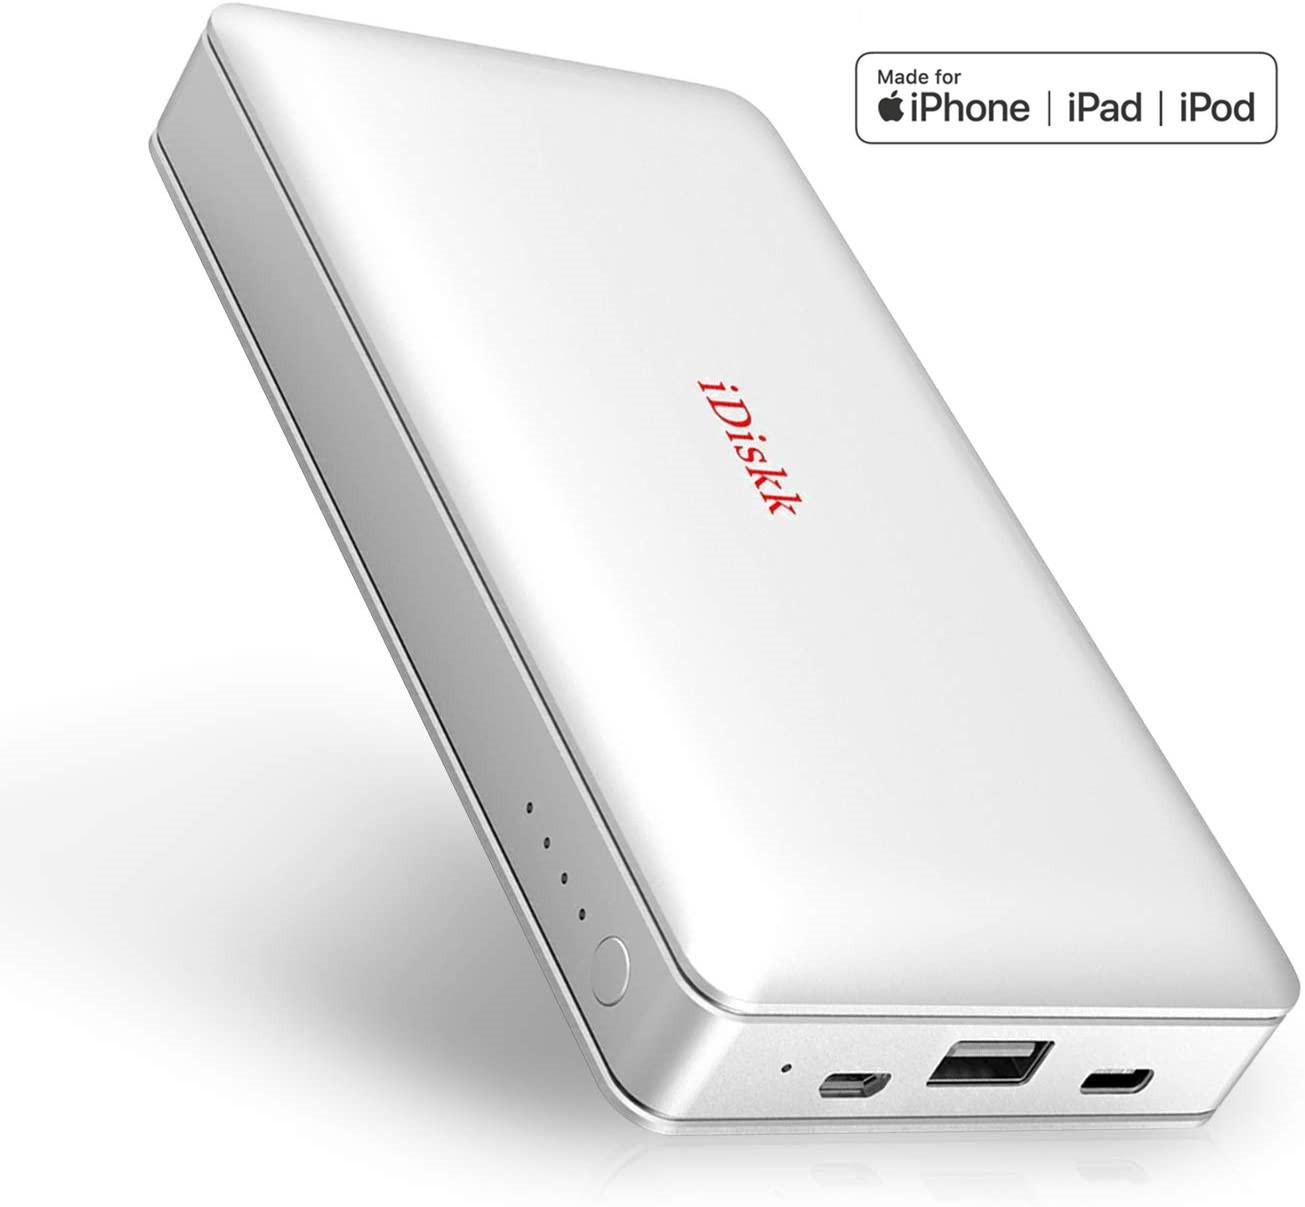 Android Mackbook PC iPad pro Air mini iPhone 12 11 X XR XS MAX SE 8 数量限定アウトレット最安価格 7 6 人気のusb iOS13 1TB ストレージ けハードドライブ メモリ 卓抜 フラッシュ 外付けhdd 対応 iphoneランキング 1024GB 自動バックアップ フラッシュドライブ Android対応 ディスク 14 iDiskk Apple認証 iOS Lightning